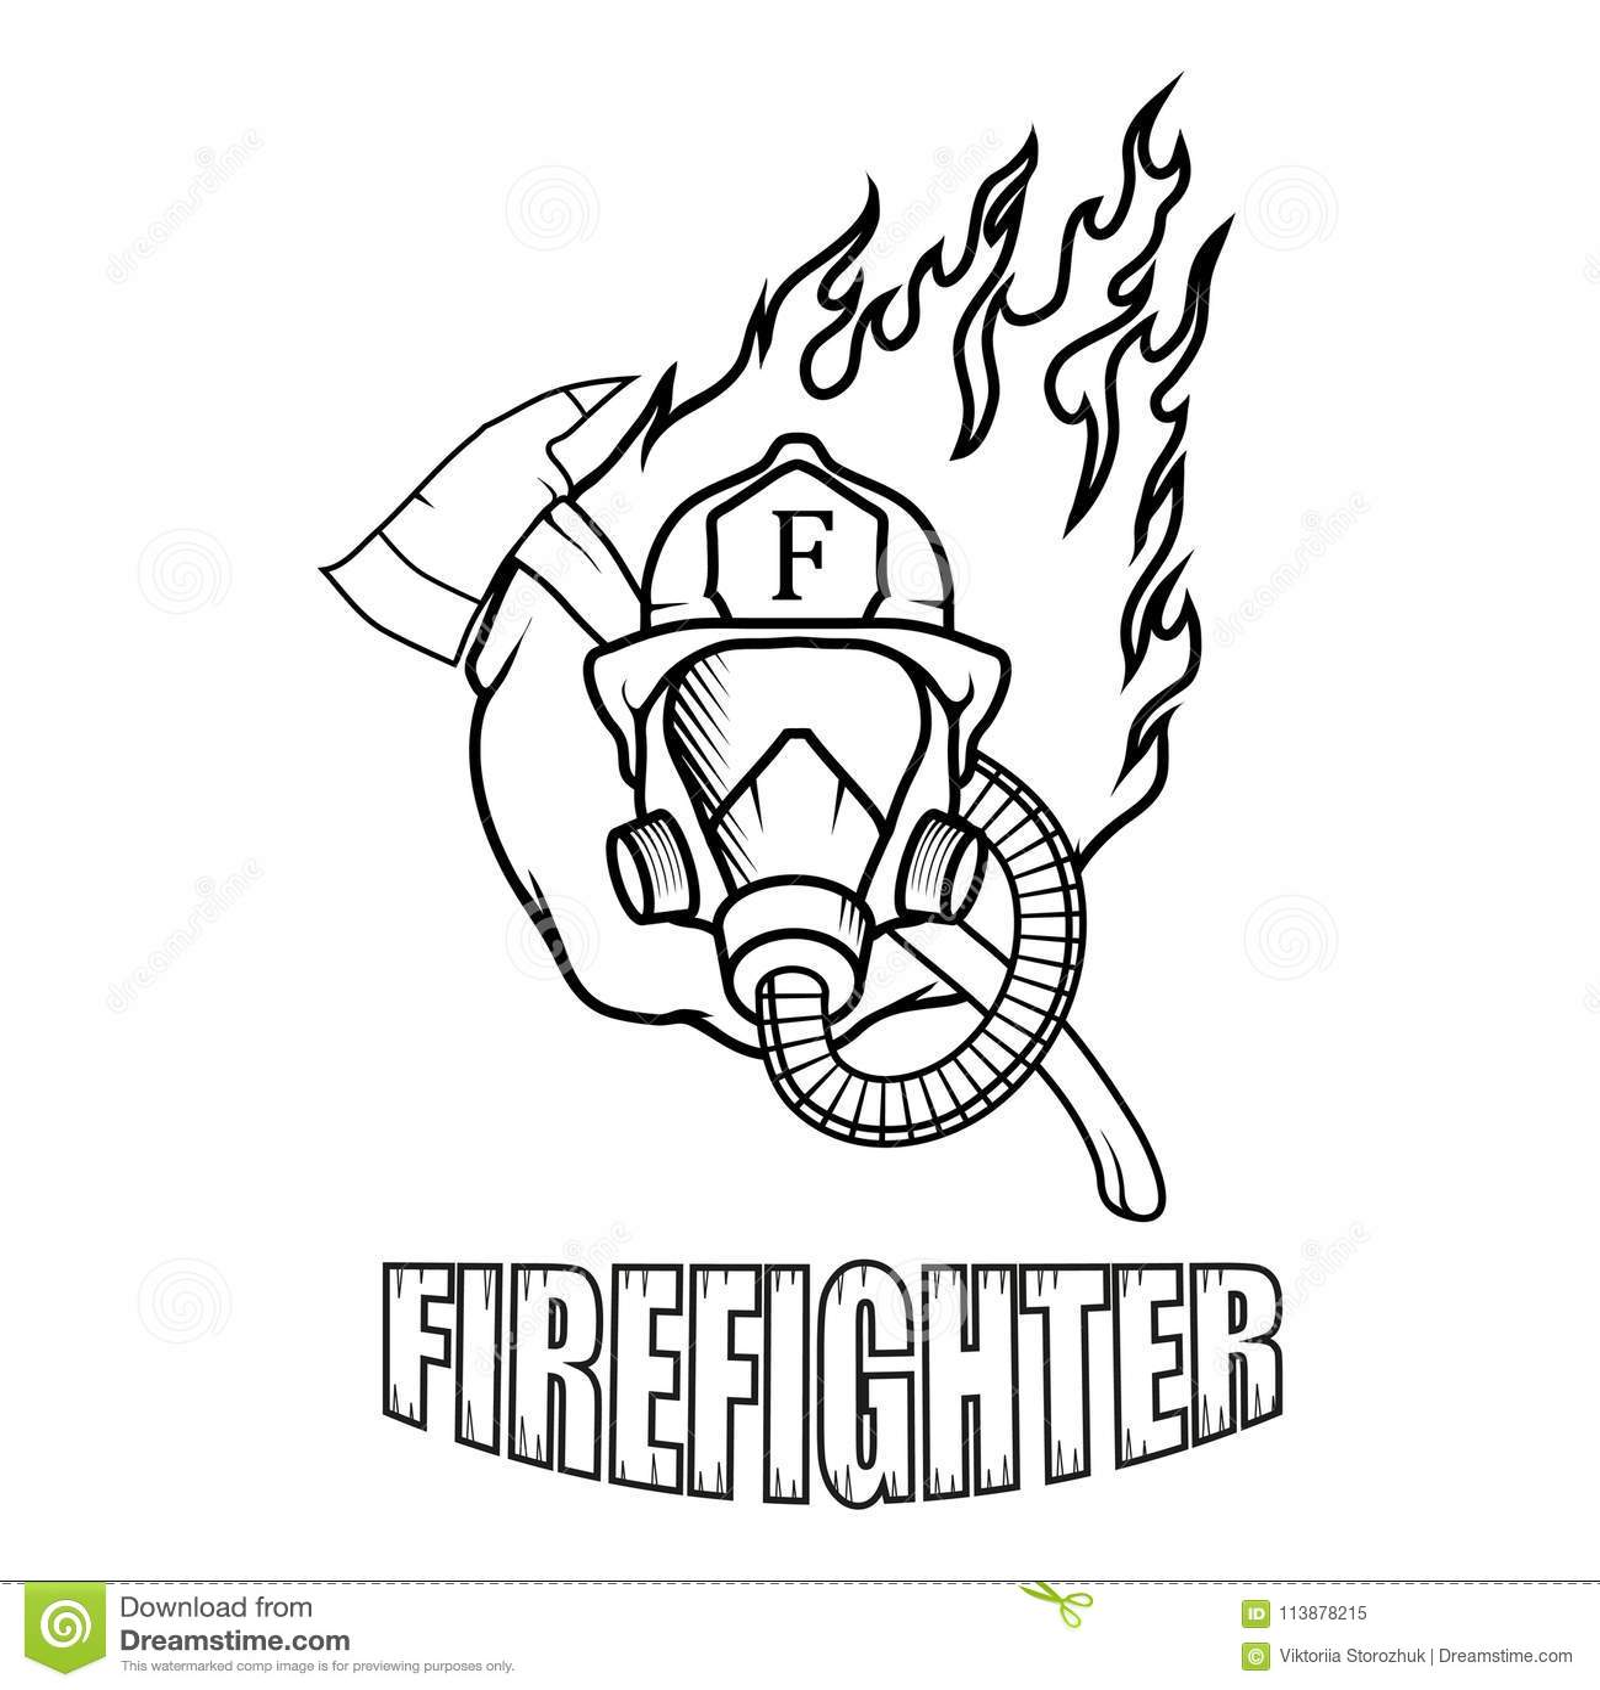 SIONOLY Gesichtsbedeckung Feuerwehrmann Skizze Stil Illustration EIN Feuerwehrmann Die Feuerwehr Sturmhaube Unisex Wiederverwendbare Winddichte Anti-Staub-Mund Bandanas Halsmanschette mit 6 Filtern